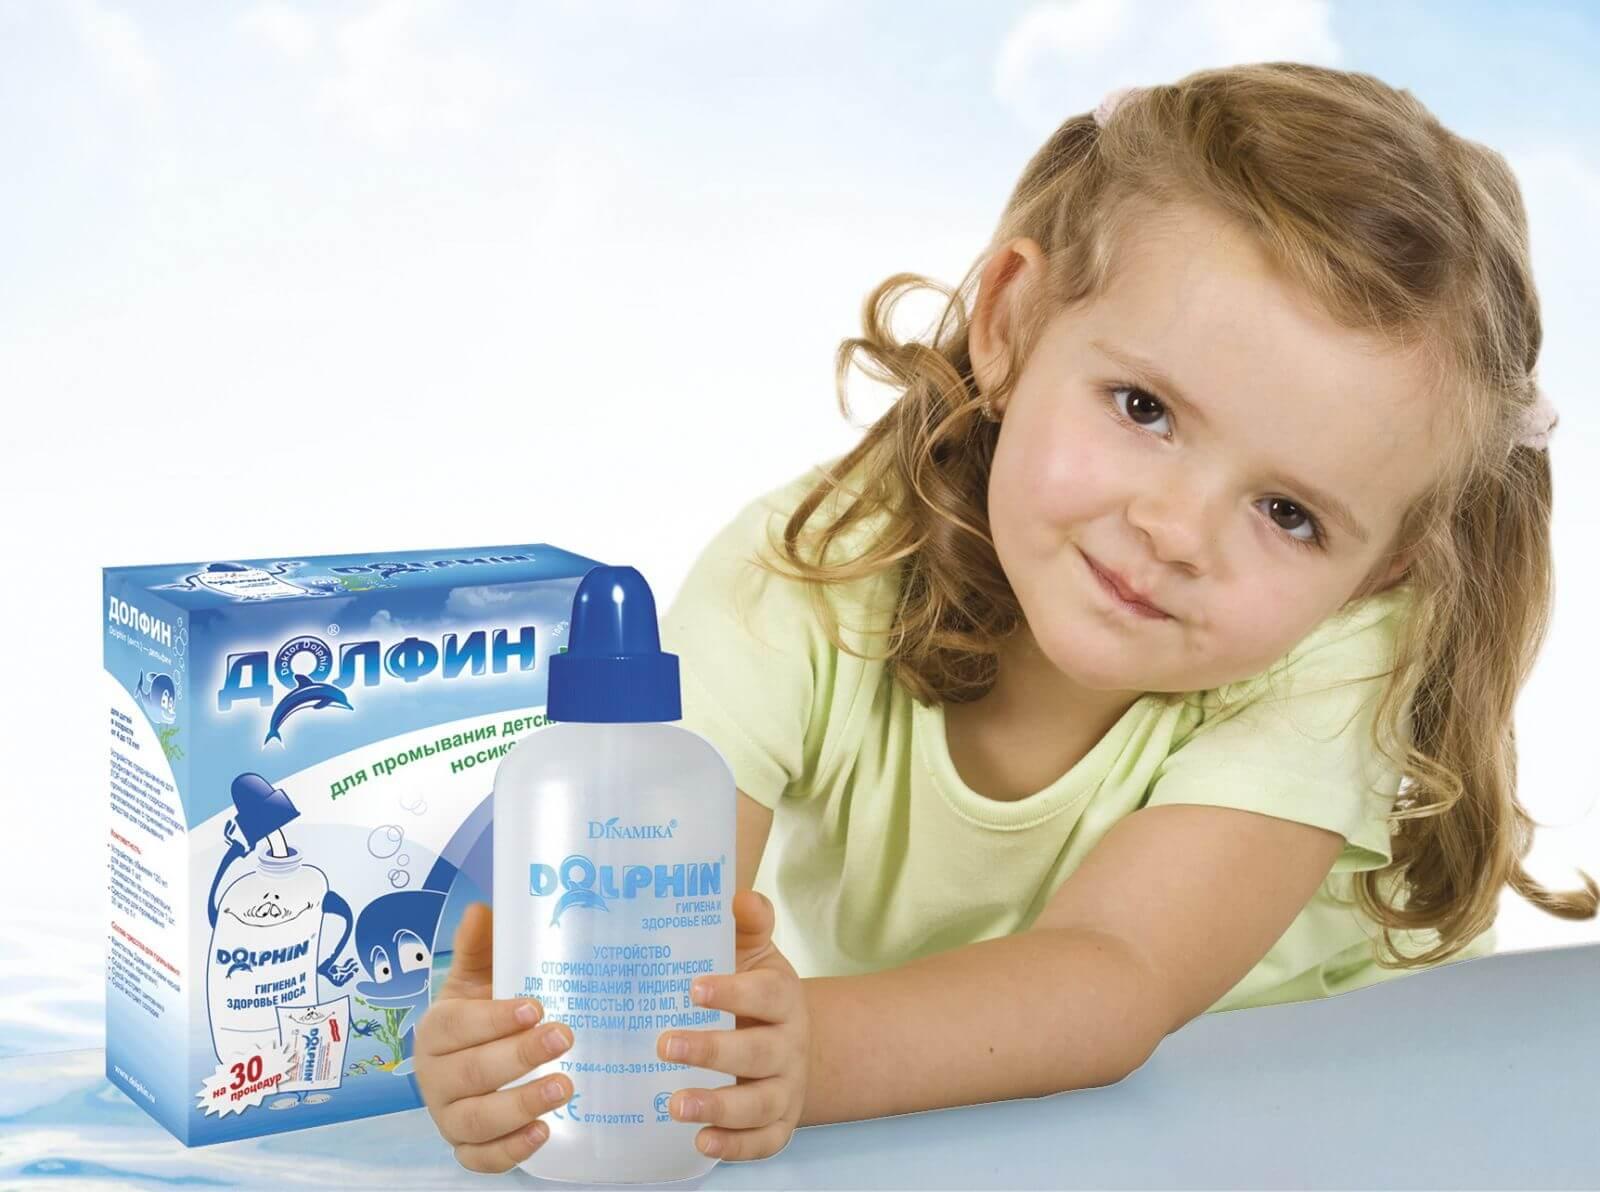 Сколько раз в день можно промывать нос Долфином и как правильно?